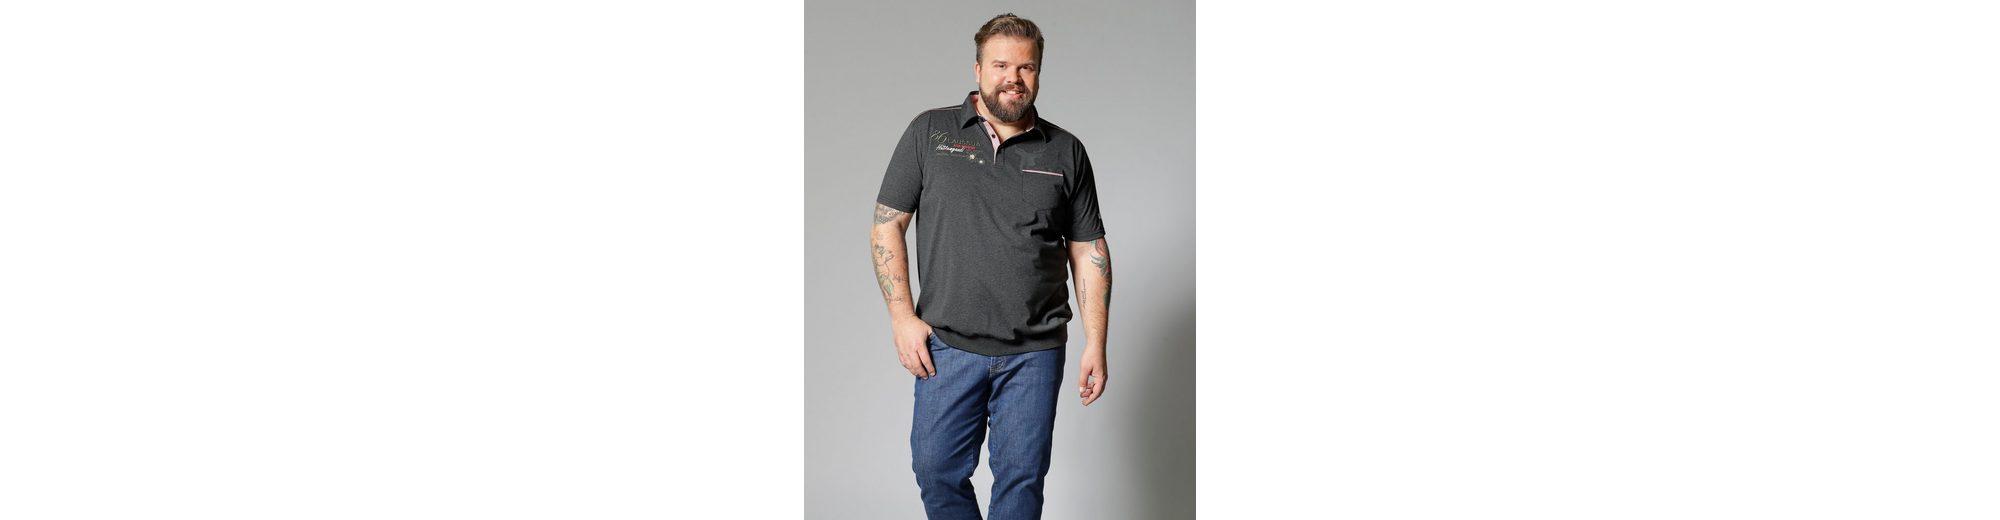 Bauchschnitt Plus Size Trachten Men Men Happy by Plus Poloshirt Spezial 0ETq7Z